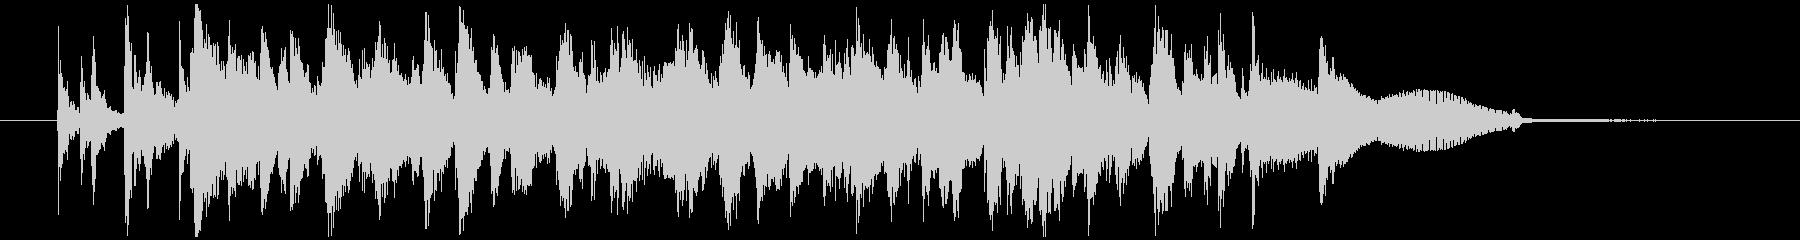 ピアノトリオジャズによるOPEDジングルの未再生の波形